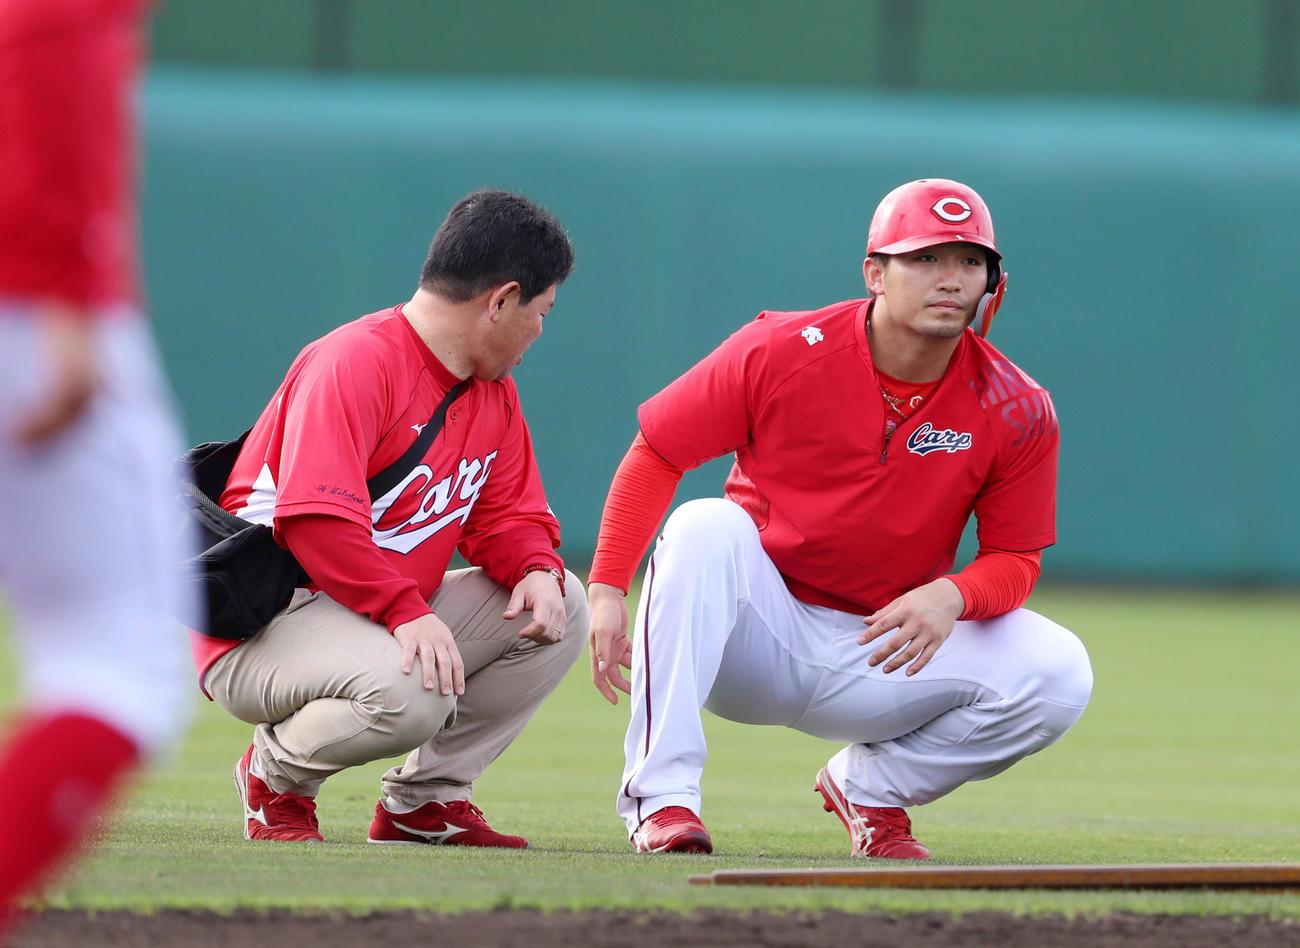 走塁練習を行っていた鈴木誠は遊撃付近にしゃがみ込んでトレーナーから声を掛けられる(撮影・加藤哉)